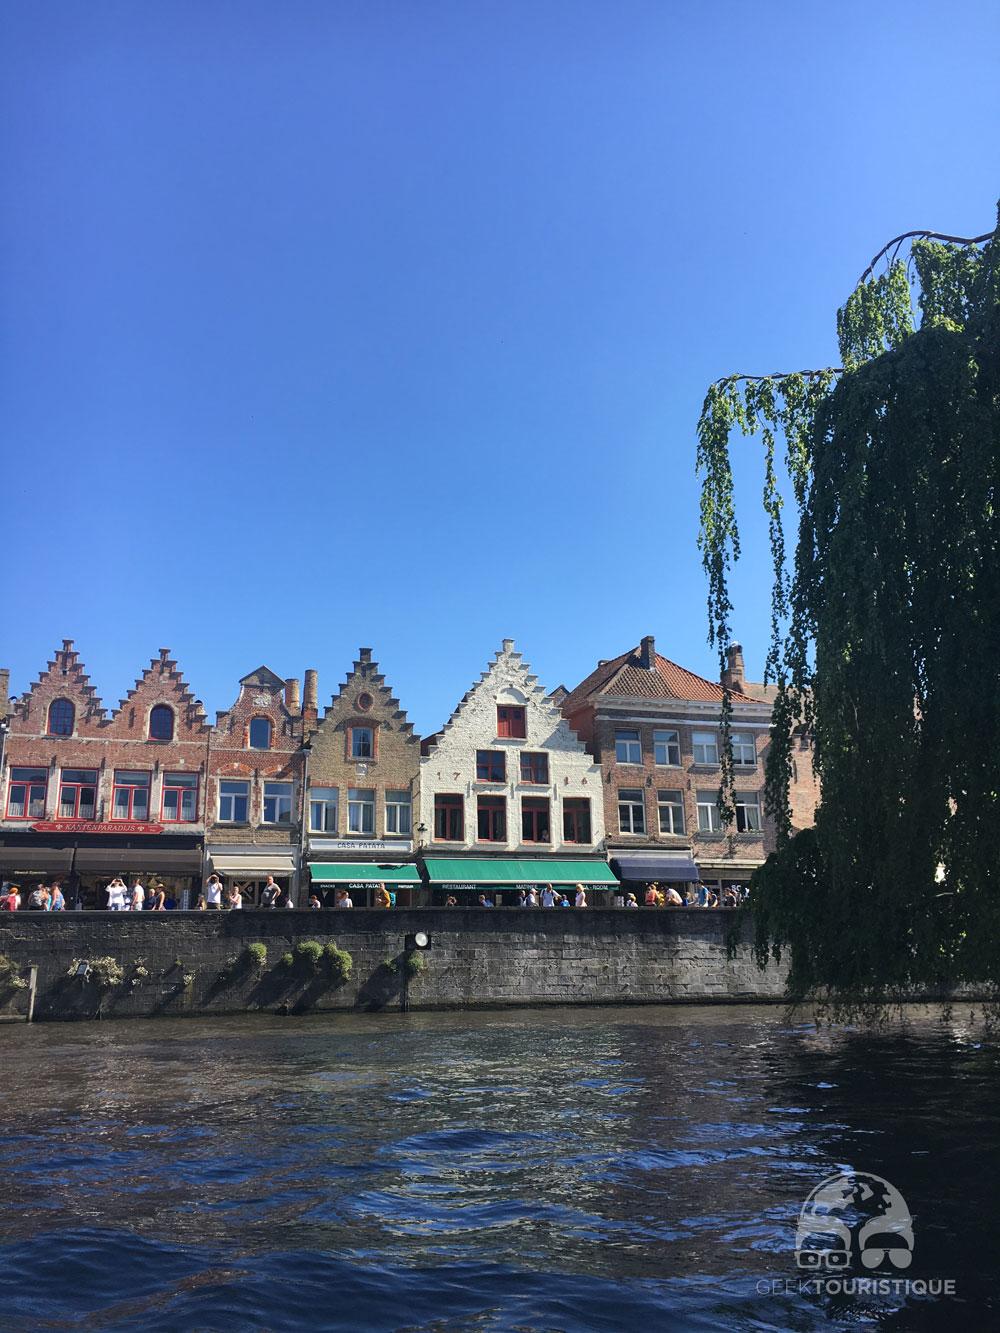 Geektouristique-Bruges-10